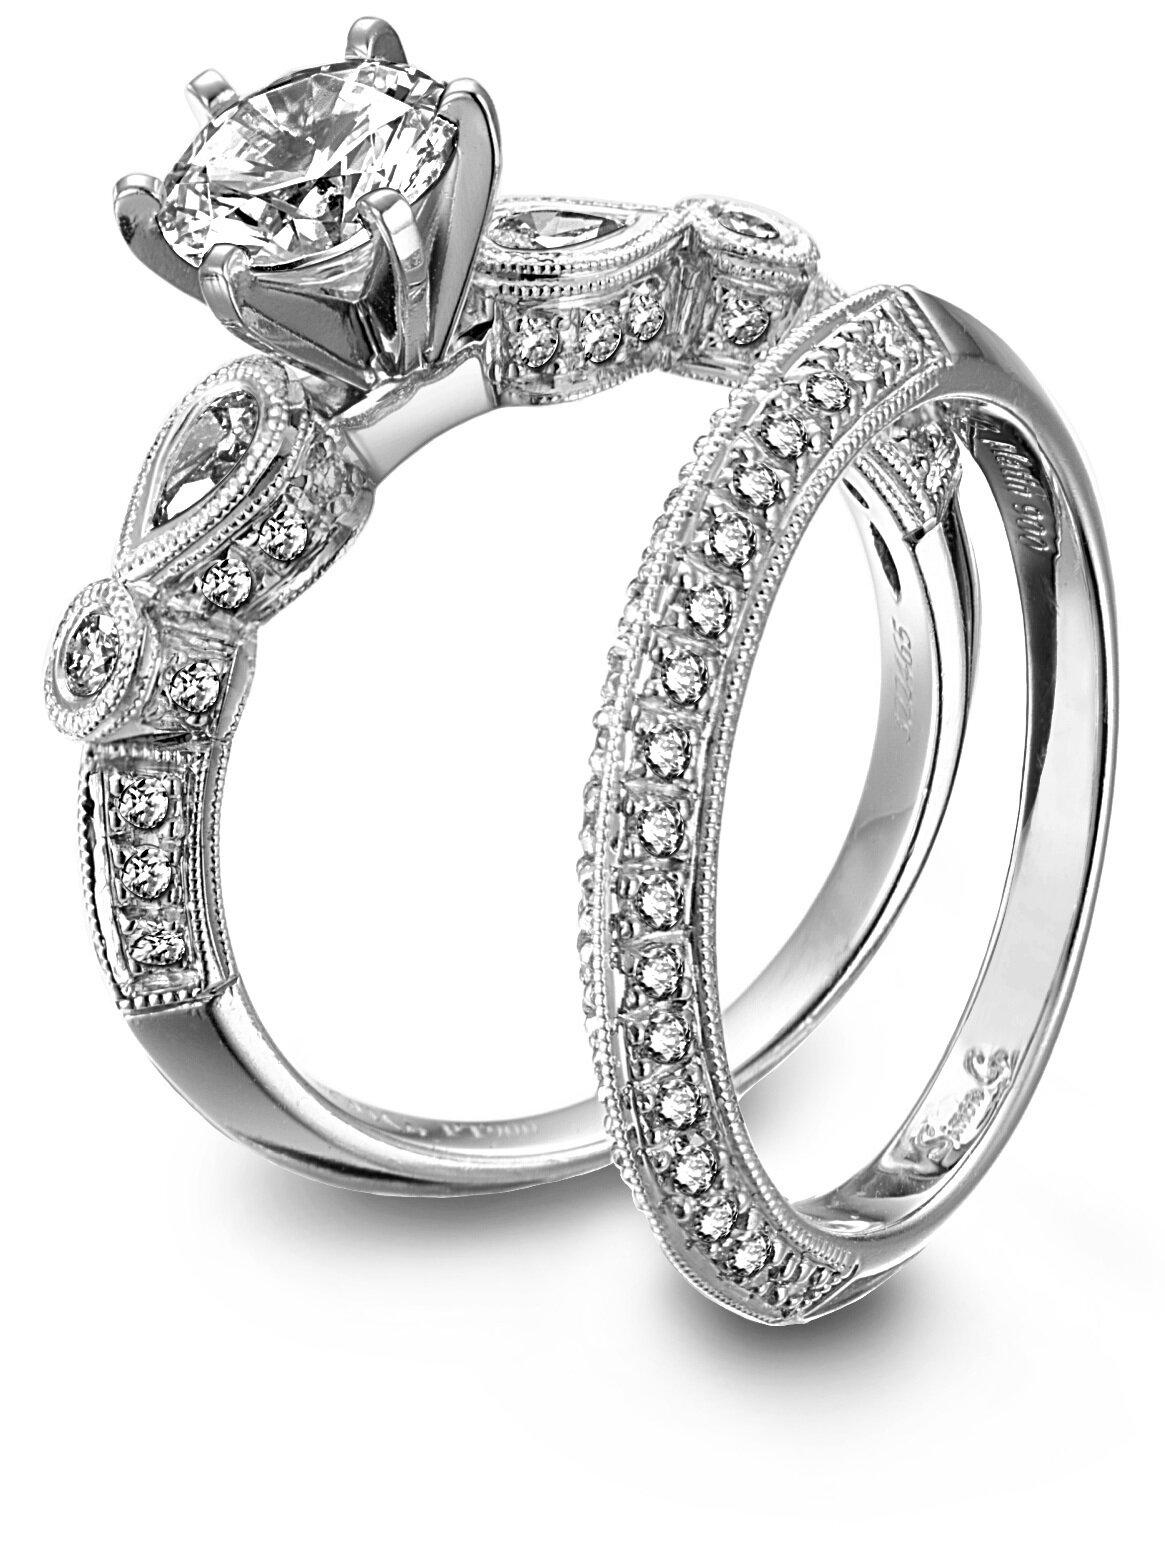 wedding rings pictures of wedding rings wedding rings 2